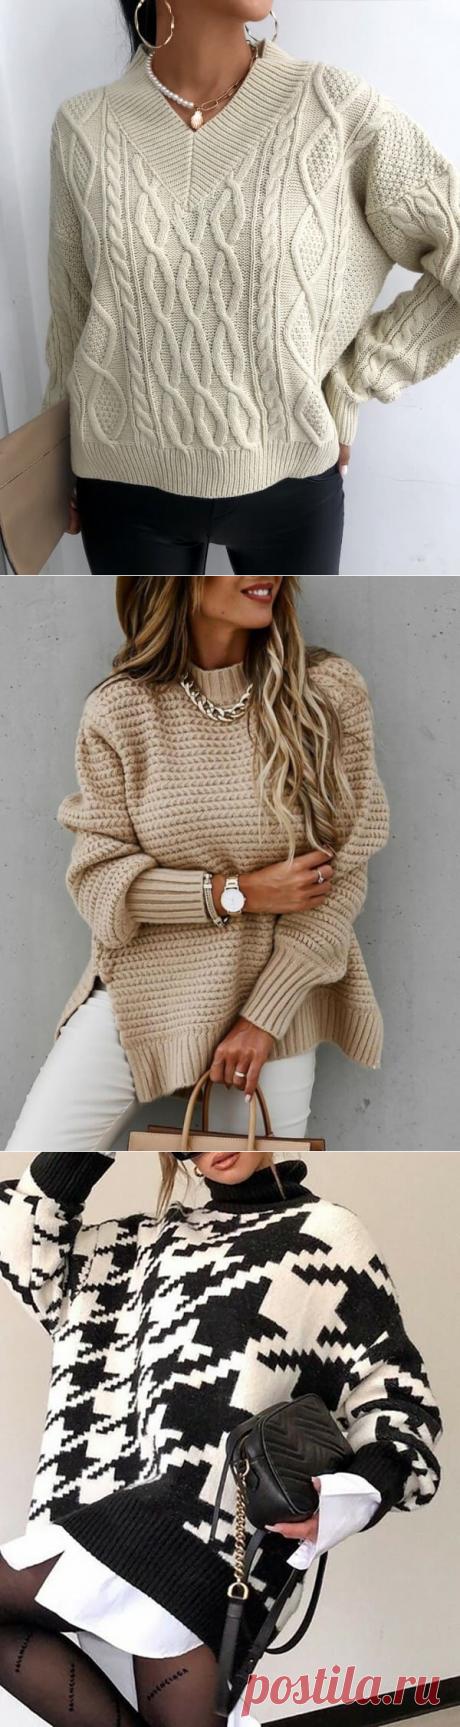 Яркие и теплые свитера - для хорошего настроения в серые, зимние дни. Удобно носить под: пальто, куртку или шубу Мягкая вязка, нежная и приятная к телу. Огромный ассортимент, от базовых моделей до ярких и даже дерзких дизайнов.  Внимание, сегодня действует скидка 53% на весь ассортимент! Цены от 1890 руб. Консультант на сайте, поможет подобрать размер | женский свитер спицами схемы жакеты со жгутами медовые маски бездрожжевая выпечка